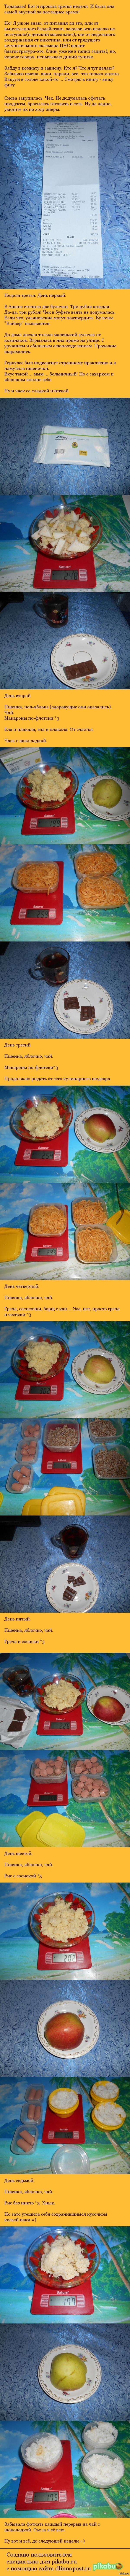 Аттракцион невиданного нищебродства. Неделя третья. или как прожить на тысячу рублей месяц.